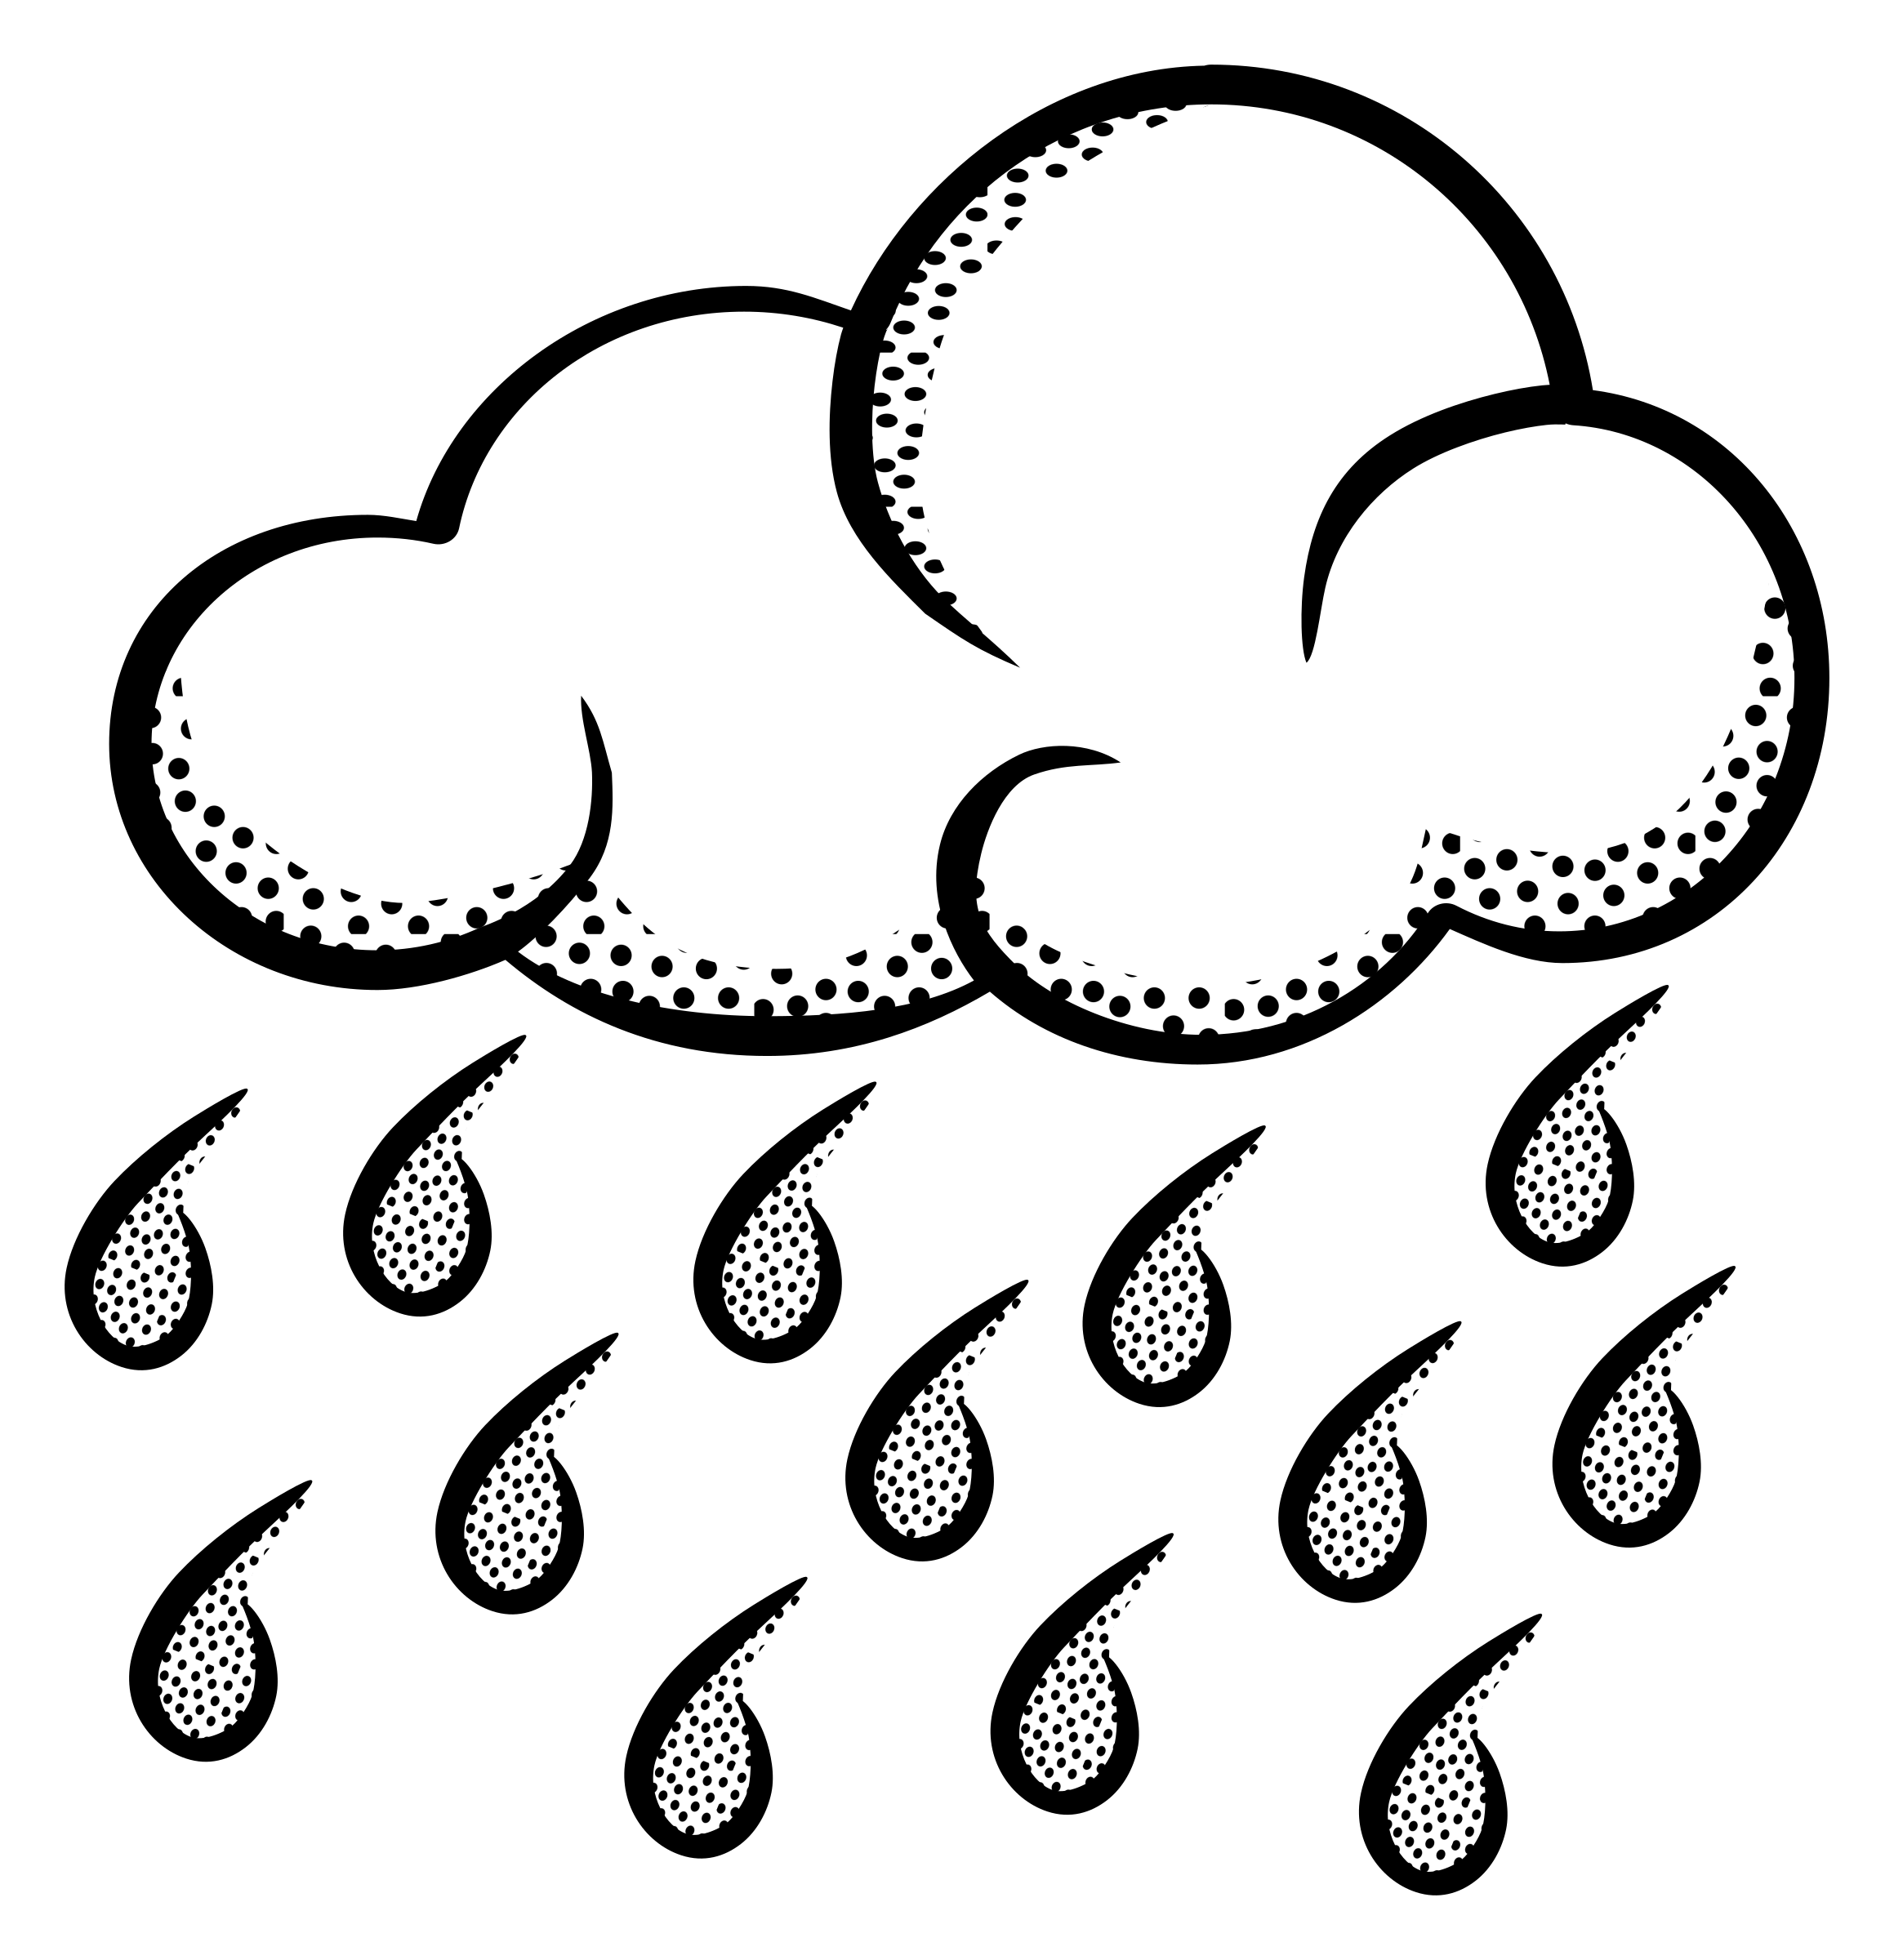 Rain clipart #2, Download drawings